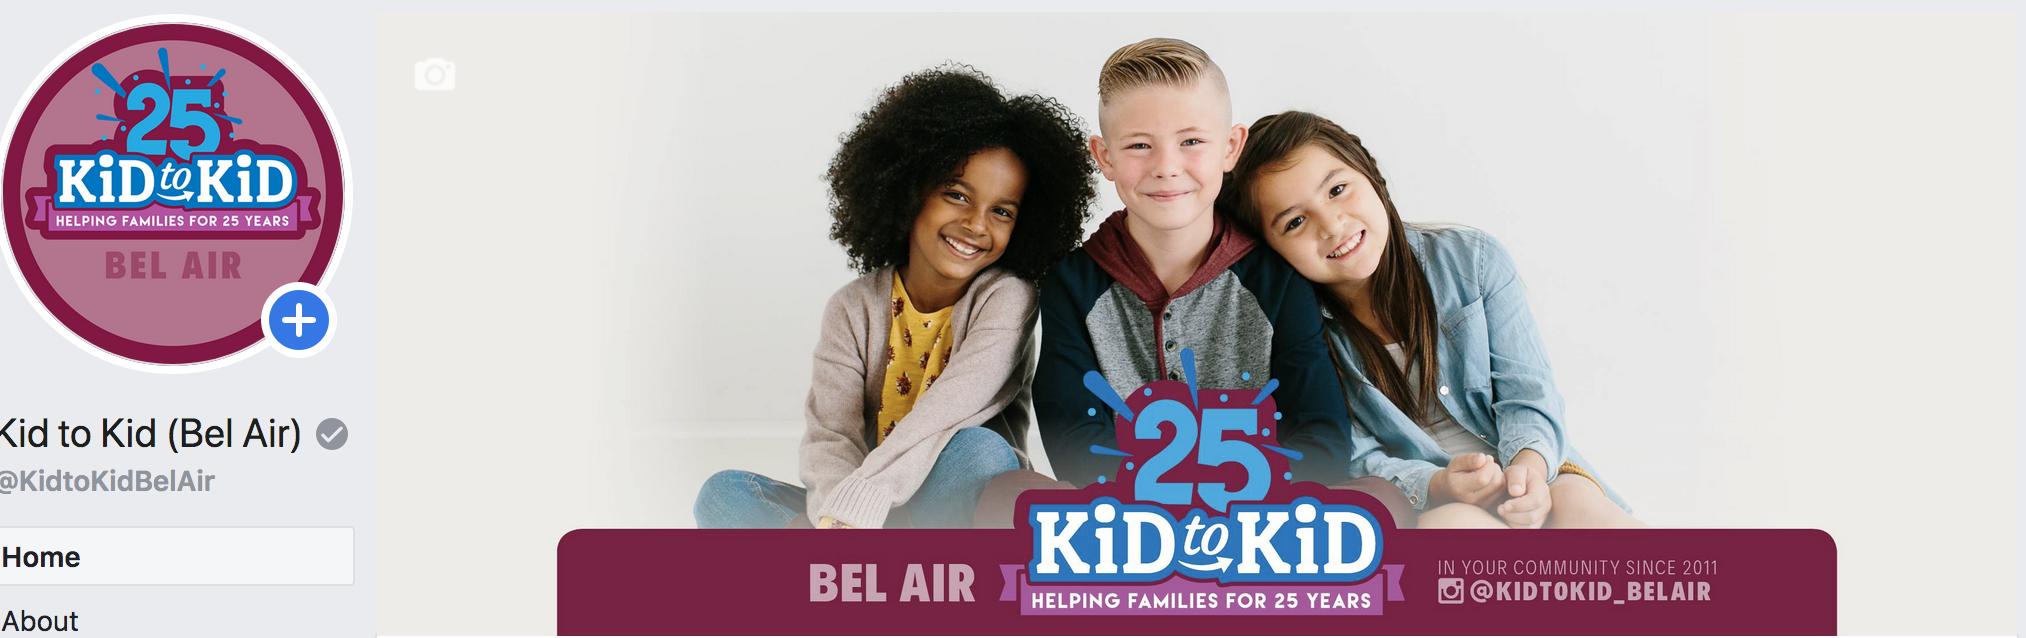 Kid to Kid Bel Air